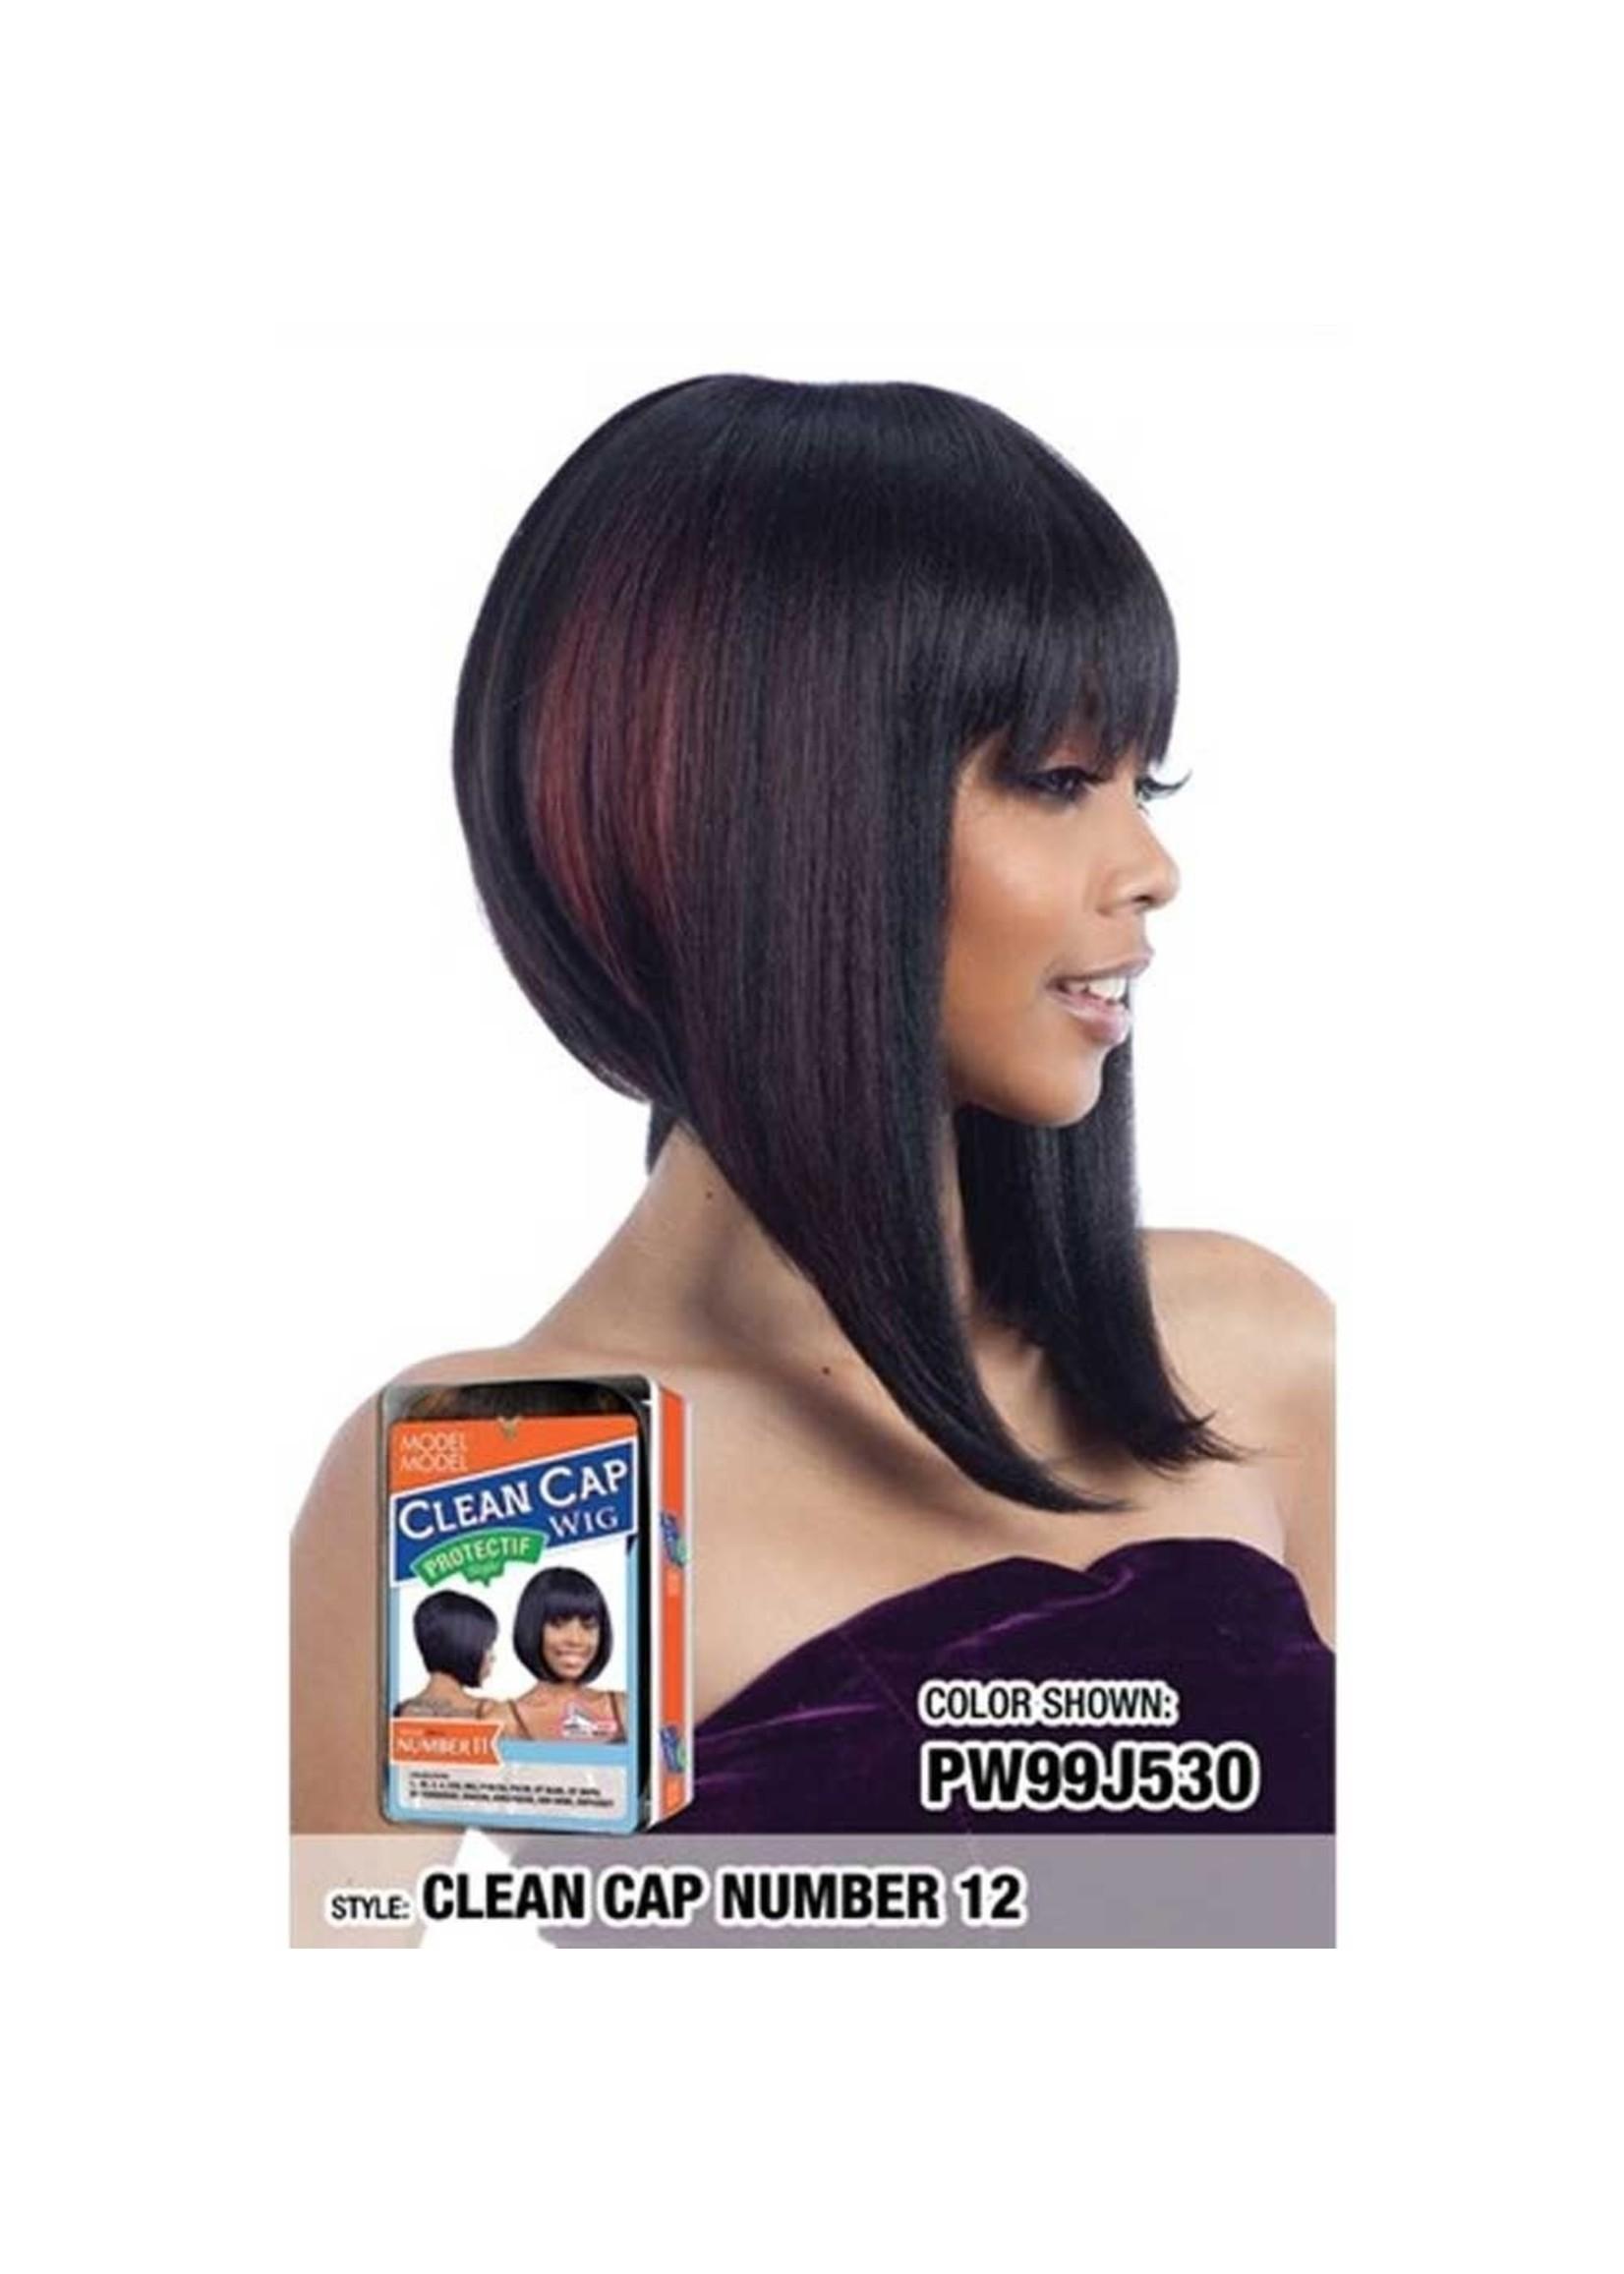 Clean Cap Number 12 Wig 1B